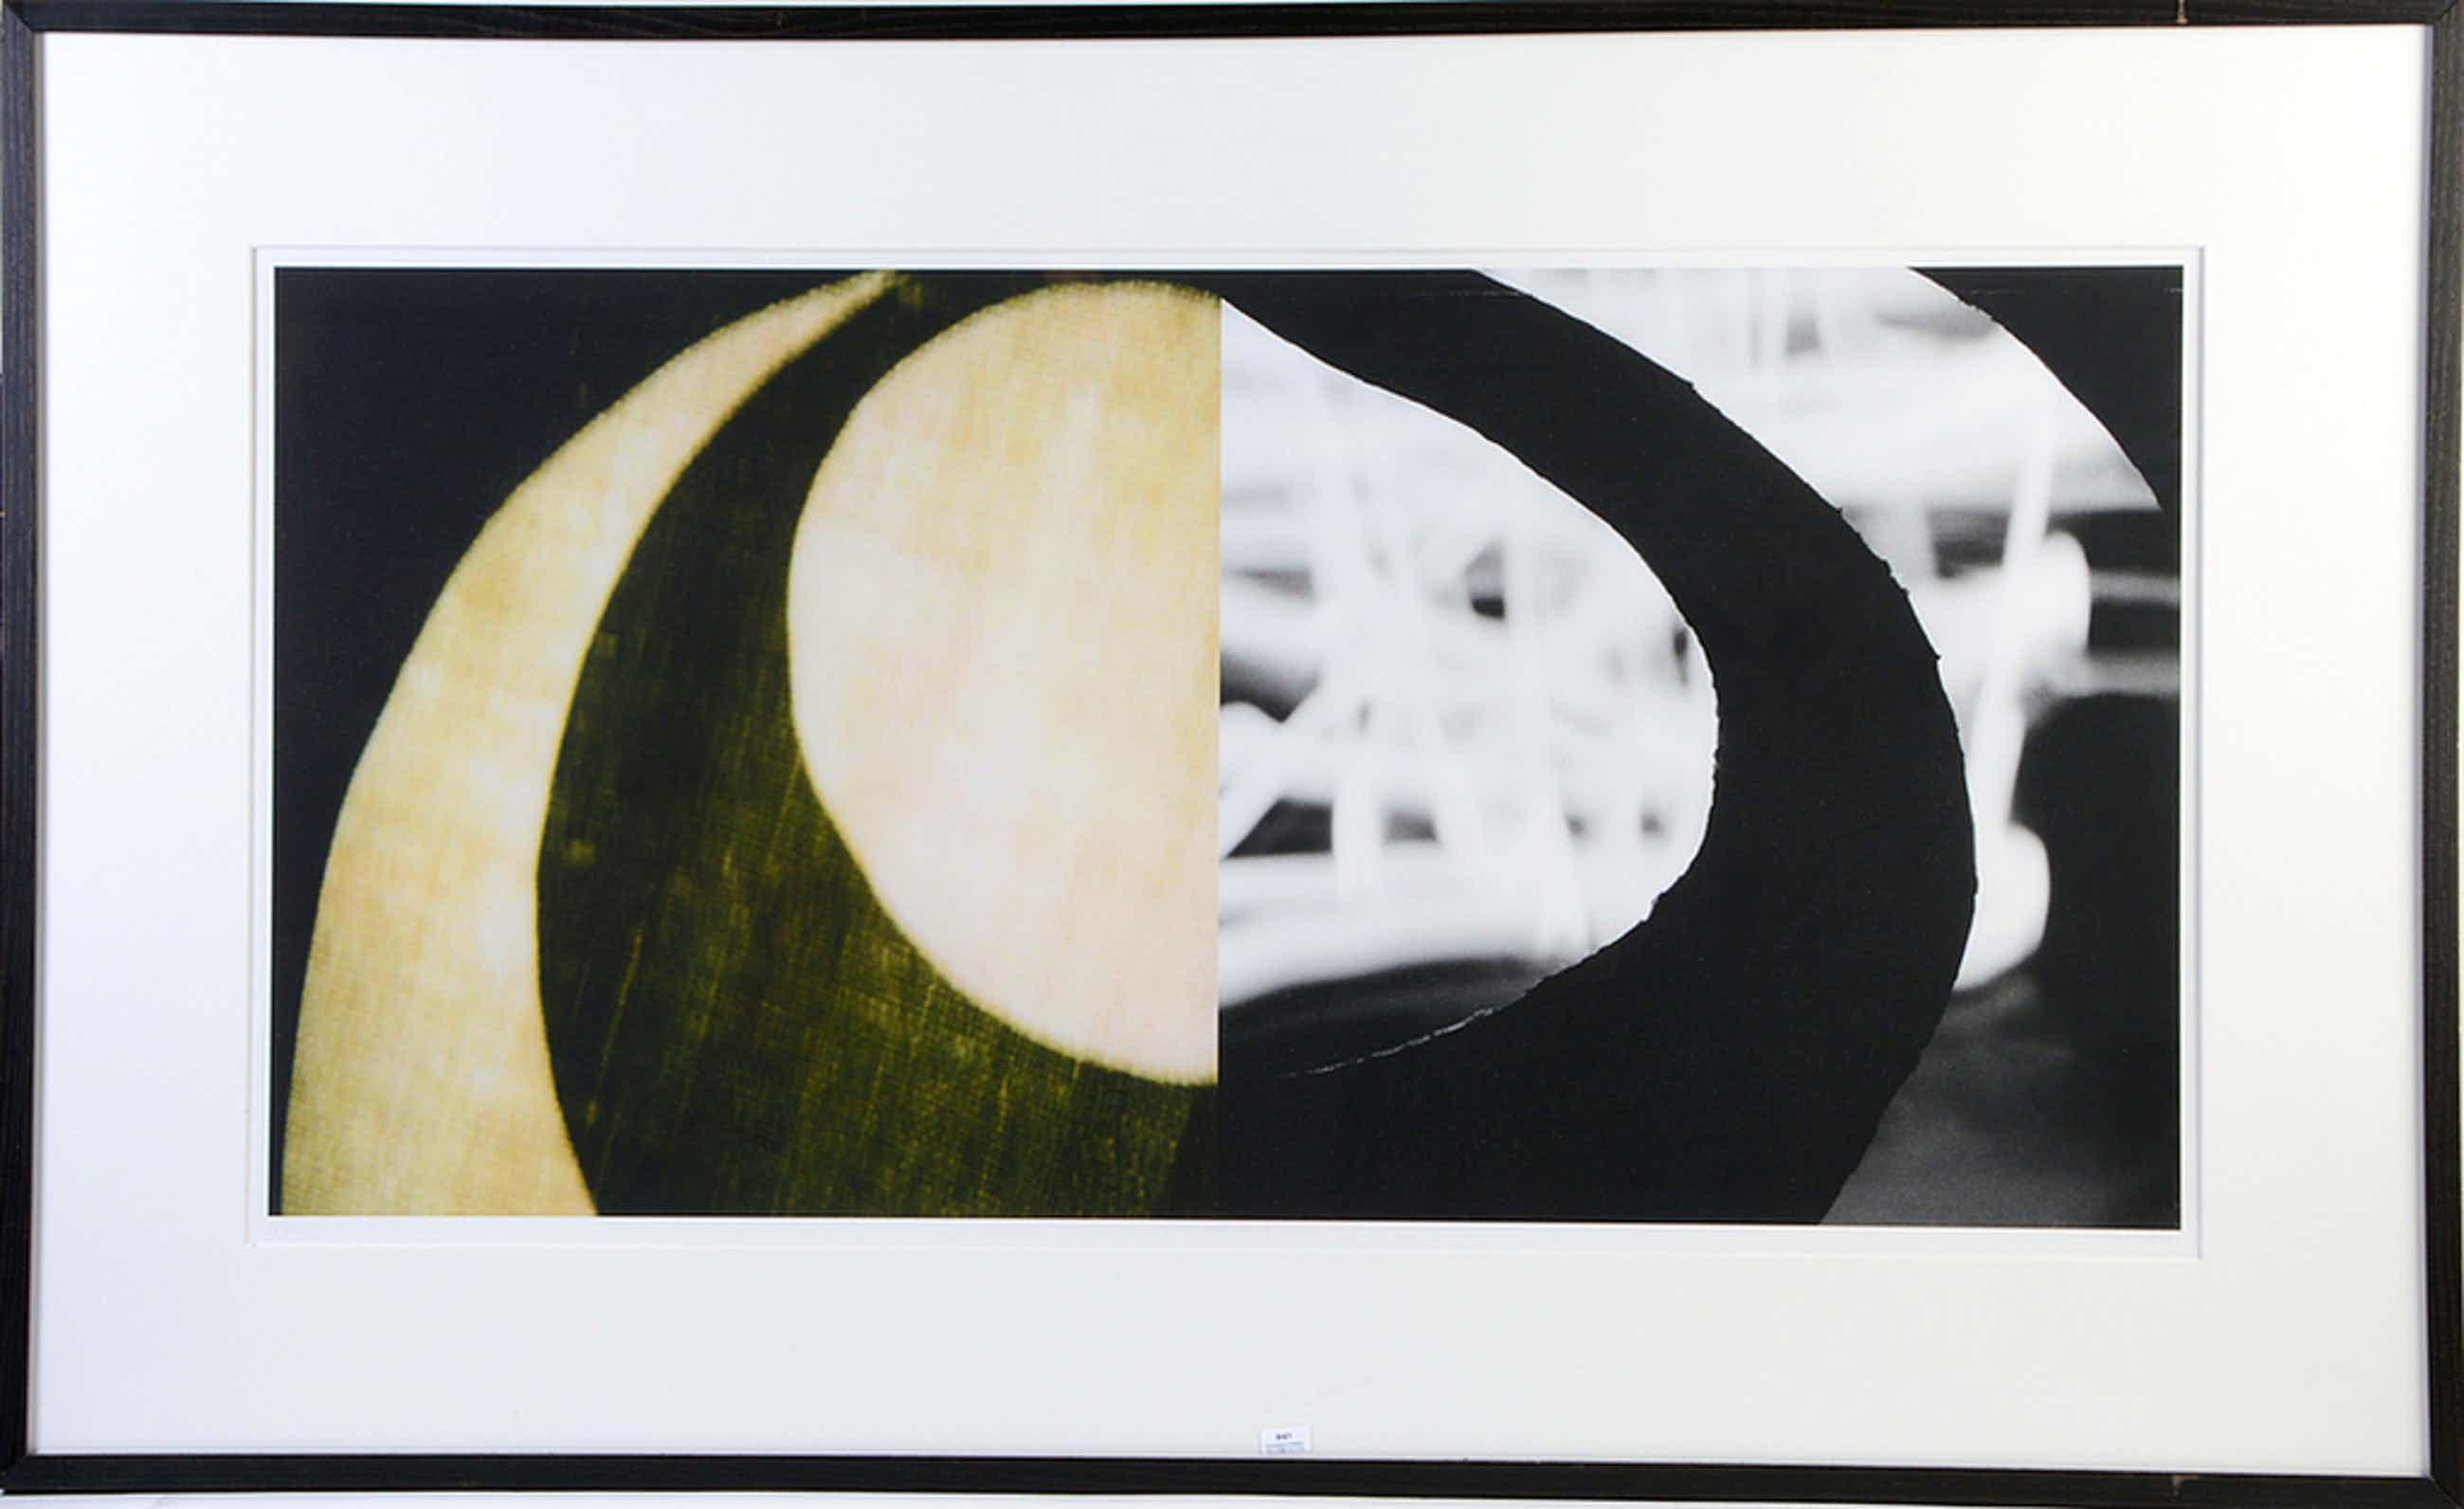 Paul Versteeg: Fotografie, Verantwoordelijkheid, groot 75 x 125 ! kopen? Bied vanaf 125!